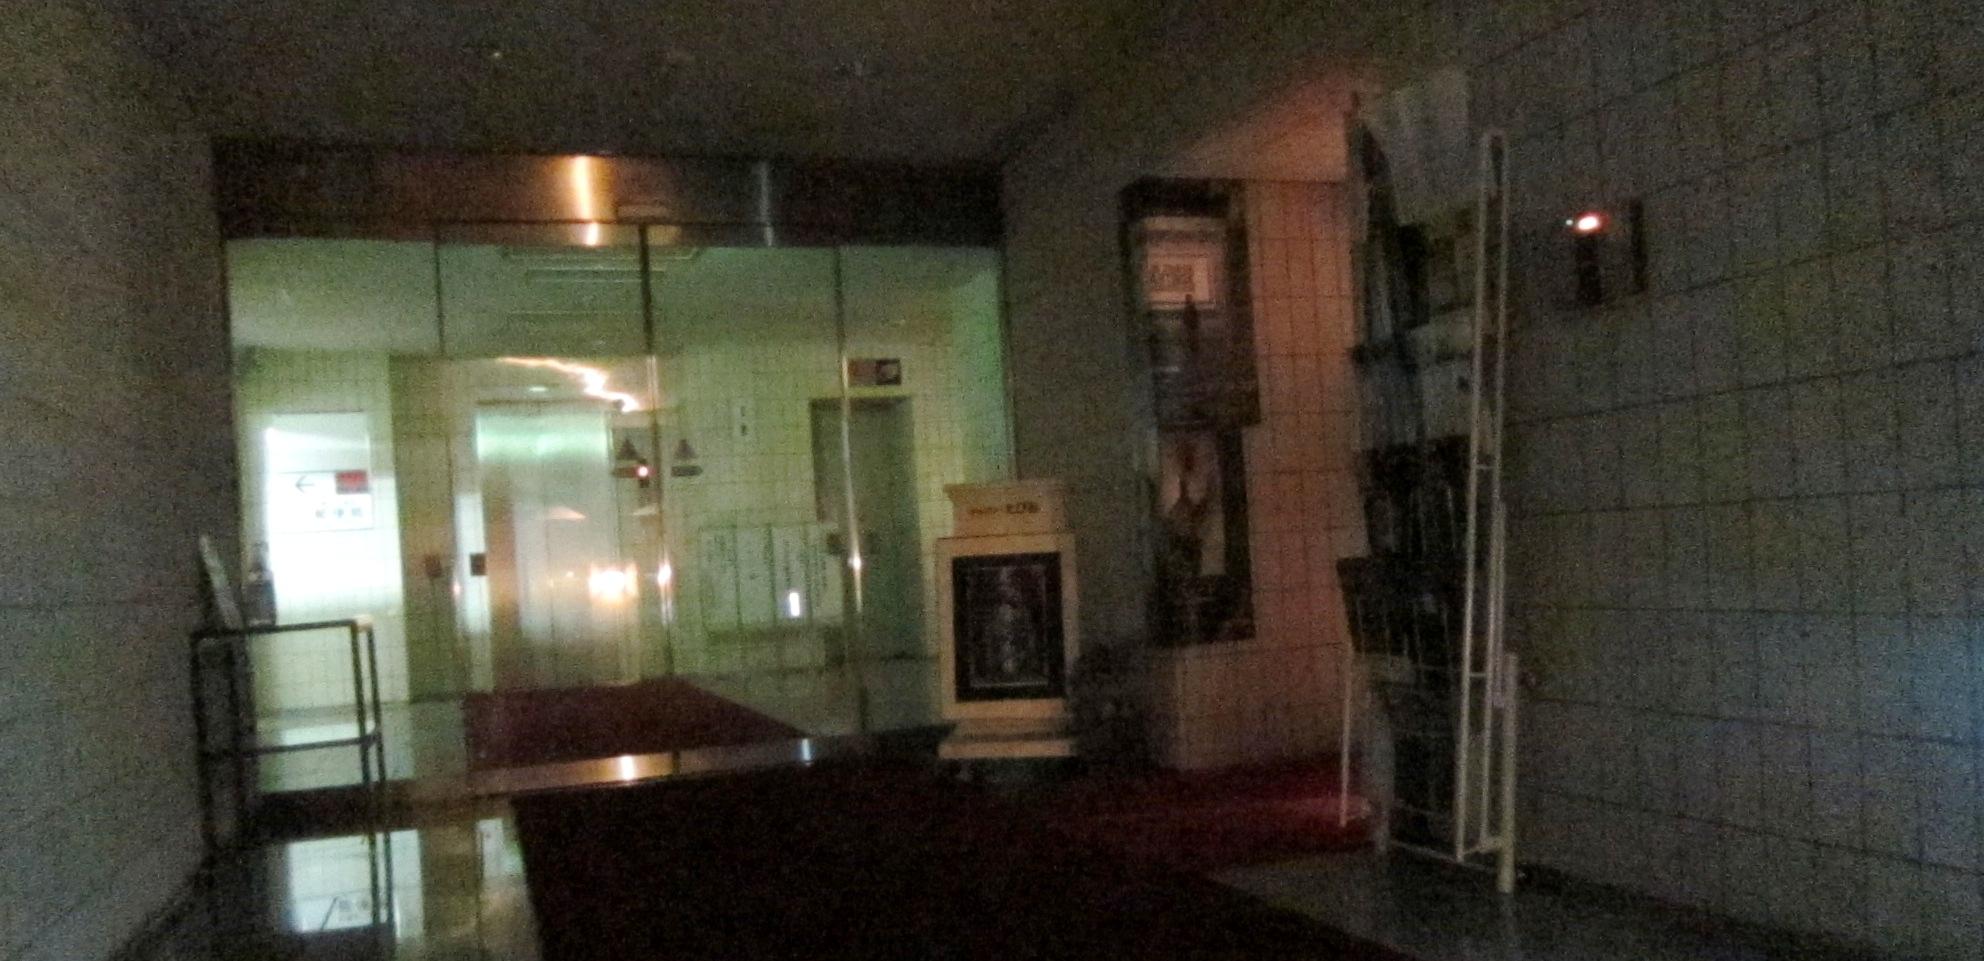 2211) 「札幌地下之会 展」 たぴお 9月16日(月)~9月21日(土)_f0126829_20454055.jpg